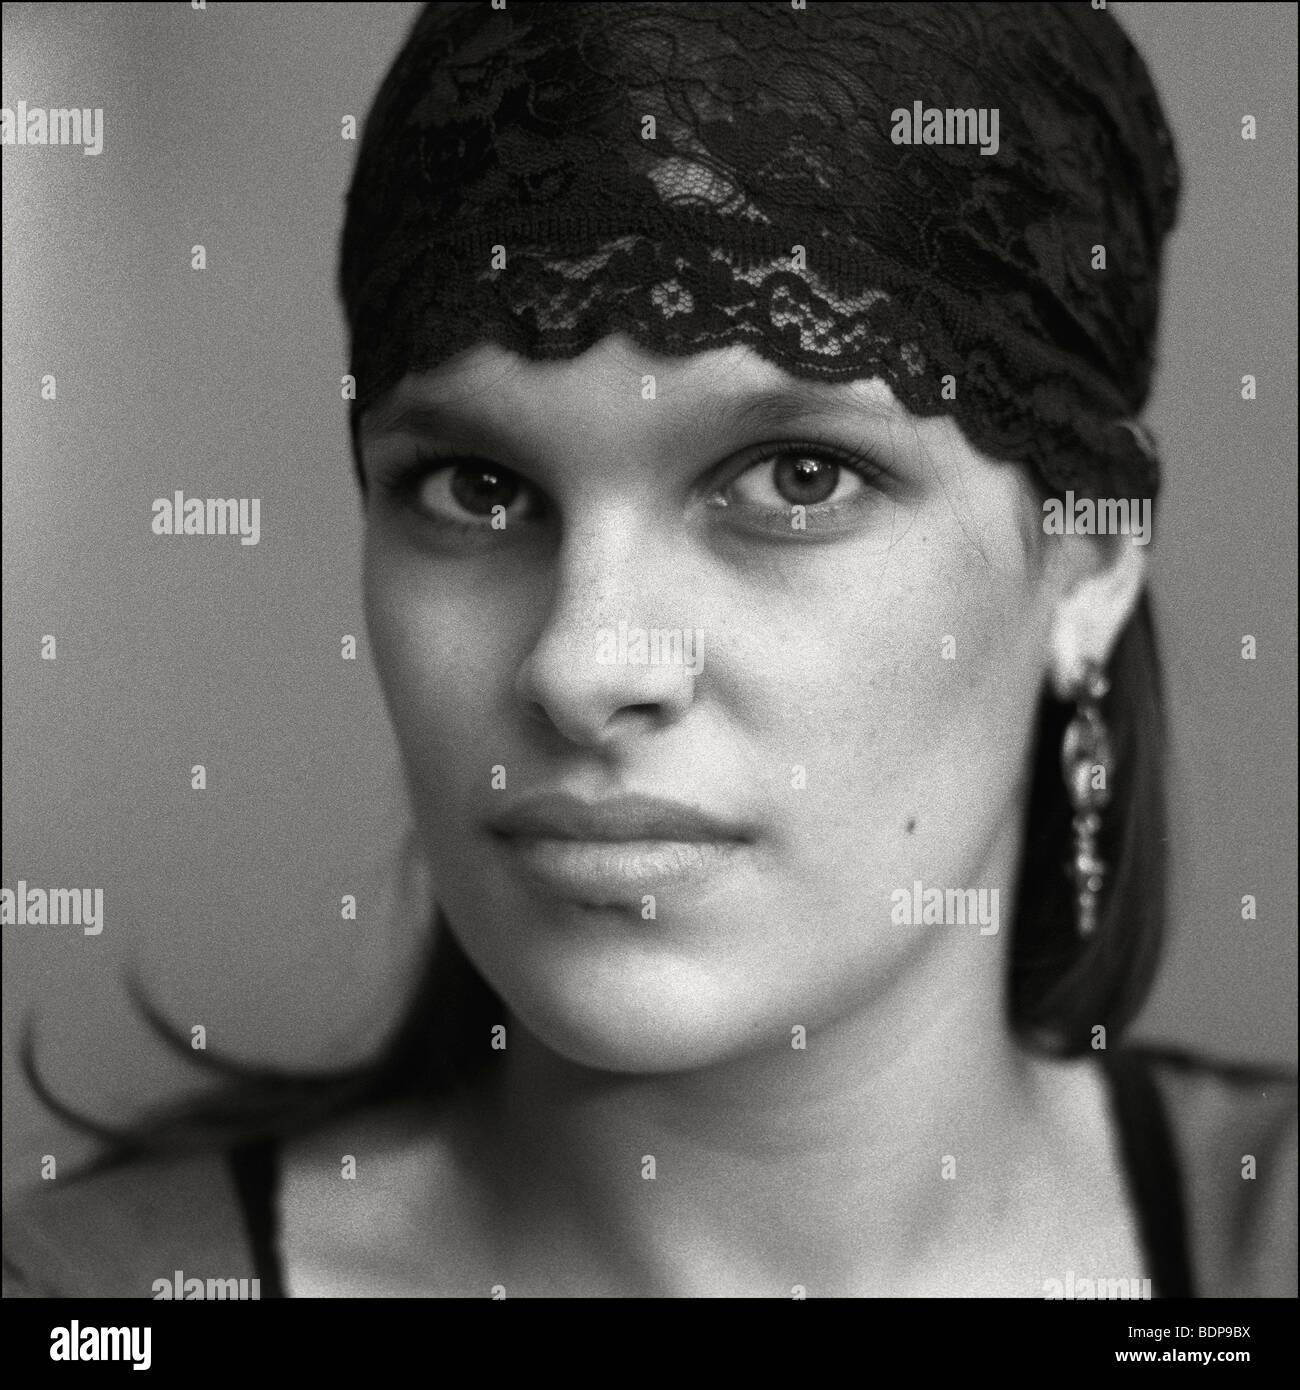 Une femme avec des caractéristiques fortes portant un bandeau de dentelle noire Banque D'Images